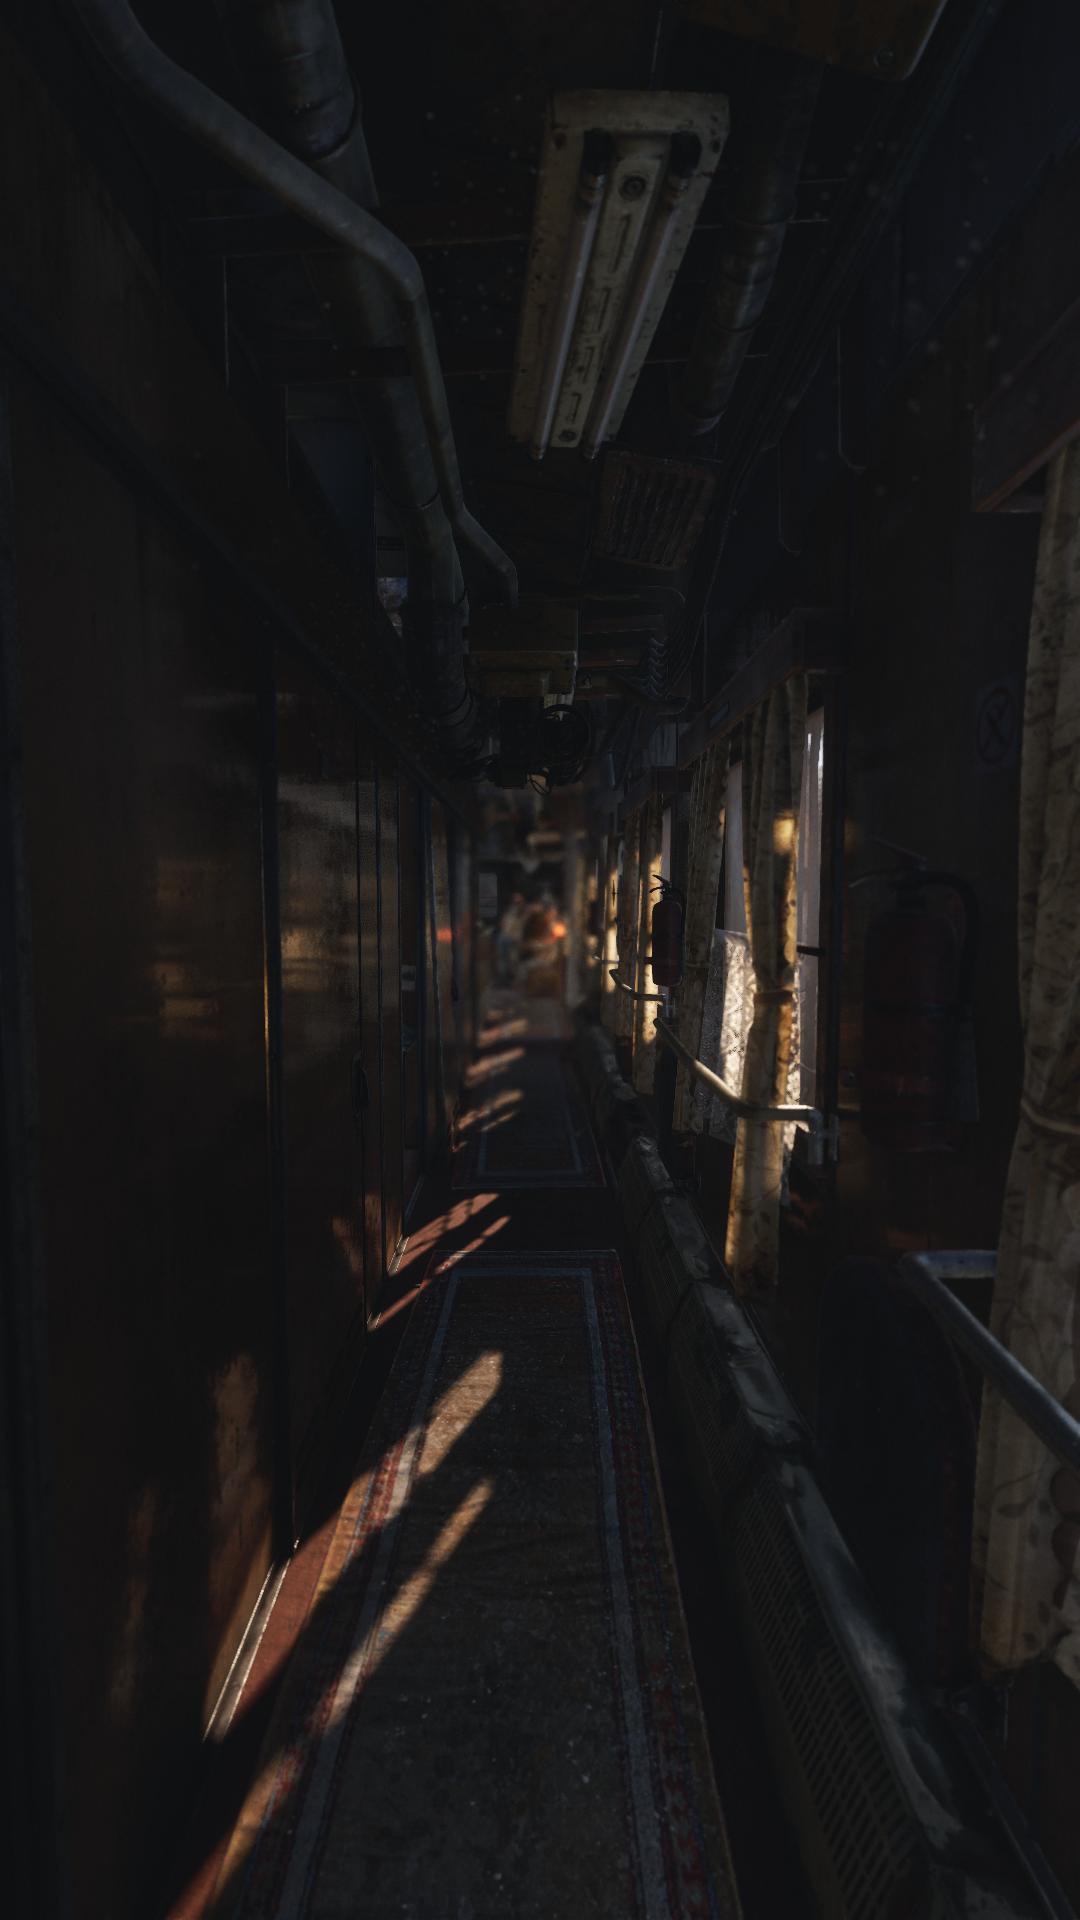 Metro  Exodus Screenshot 2019.03.07 - 16.16.35.45.png - Metro Exodus